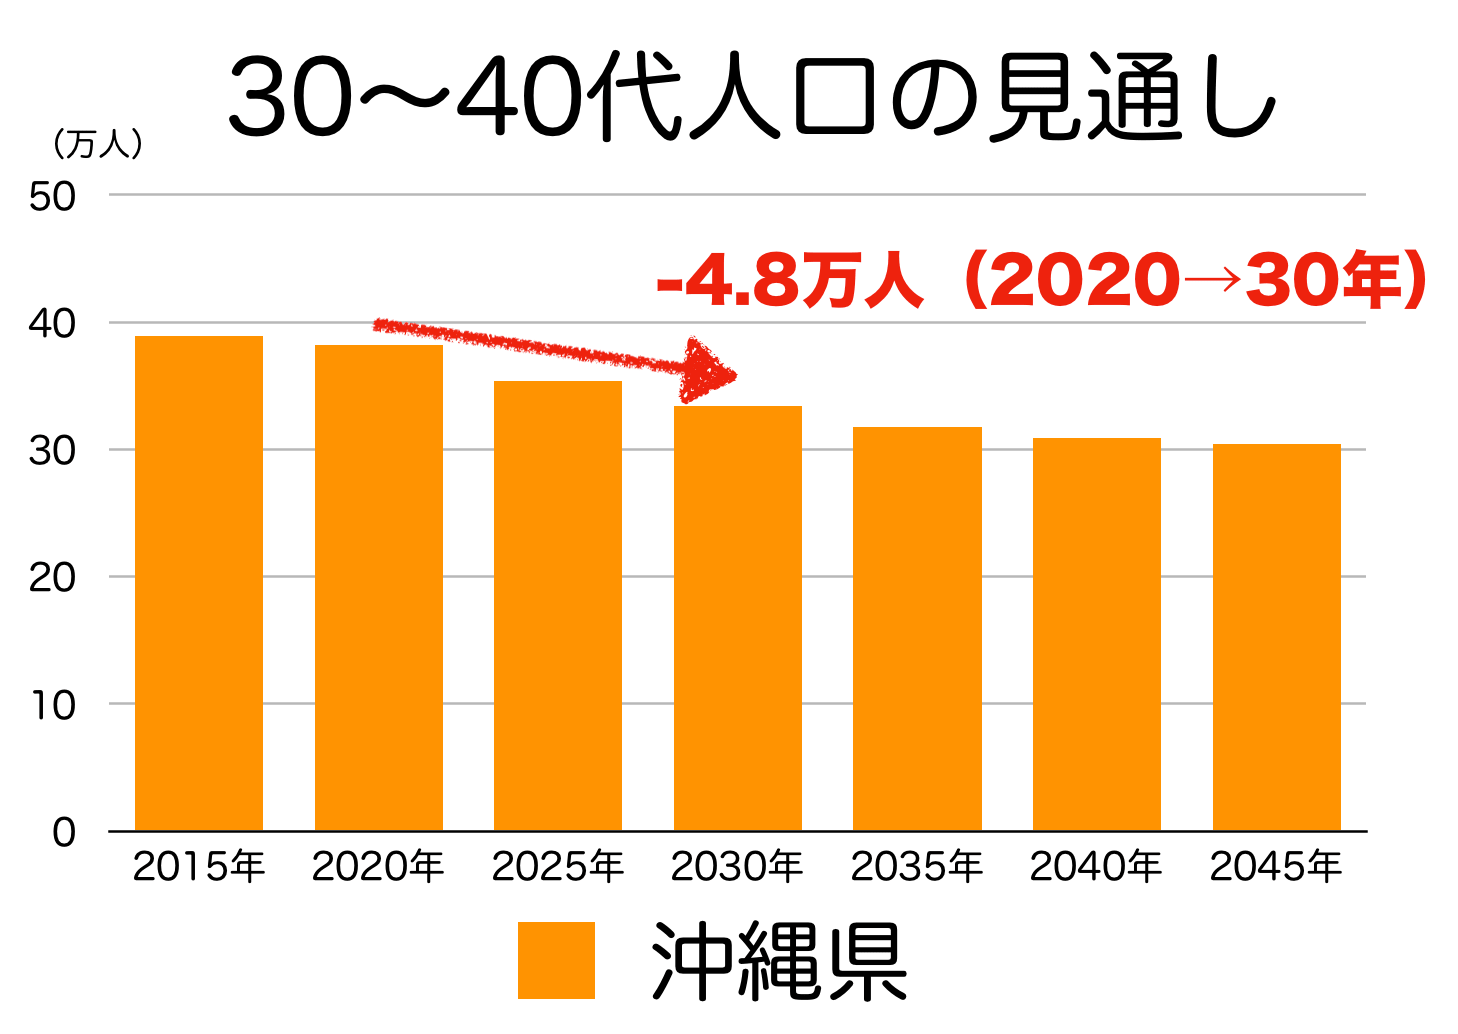 沖縄県の30〜40代人口の予測